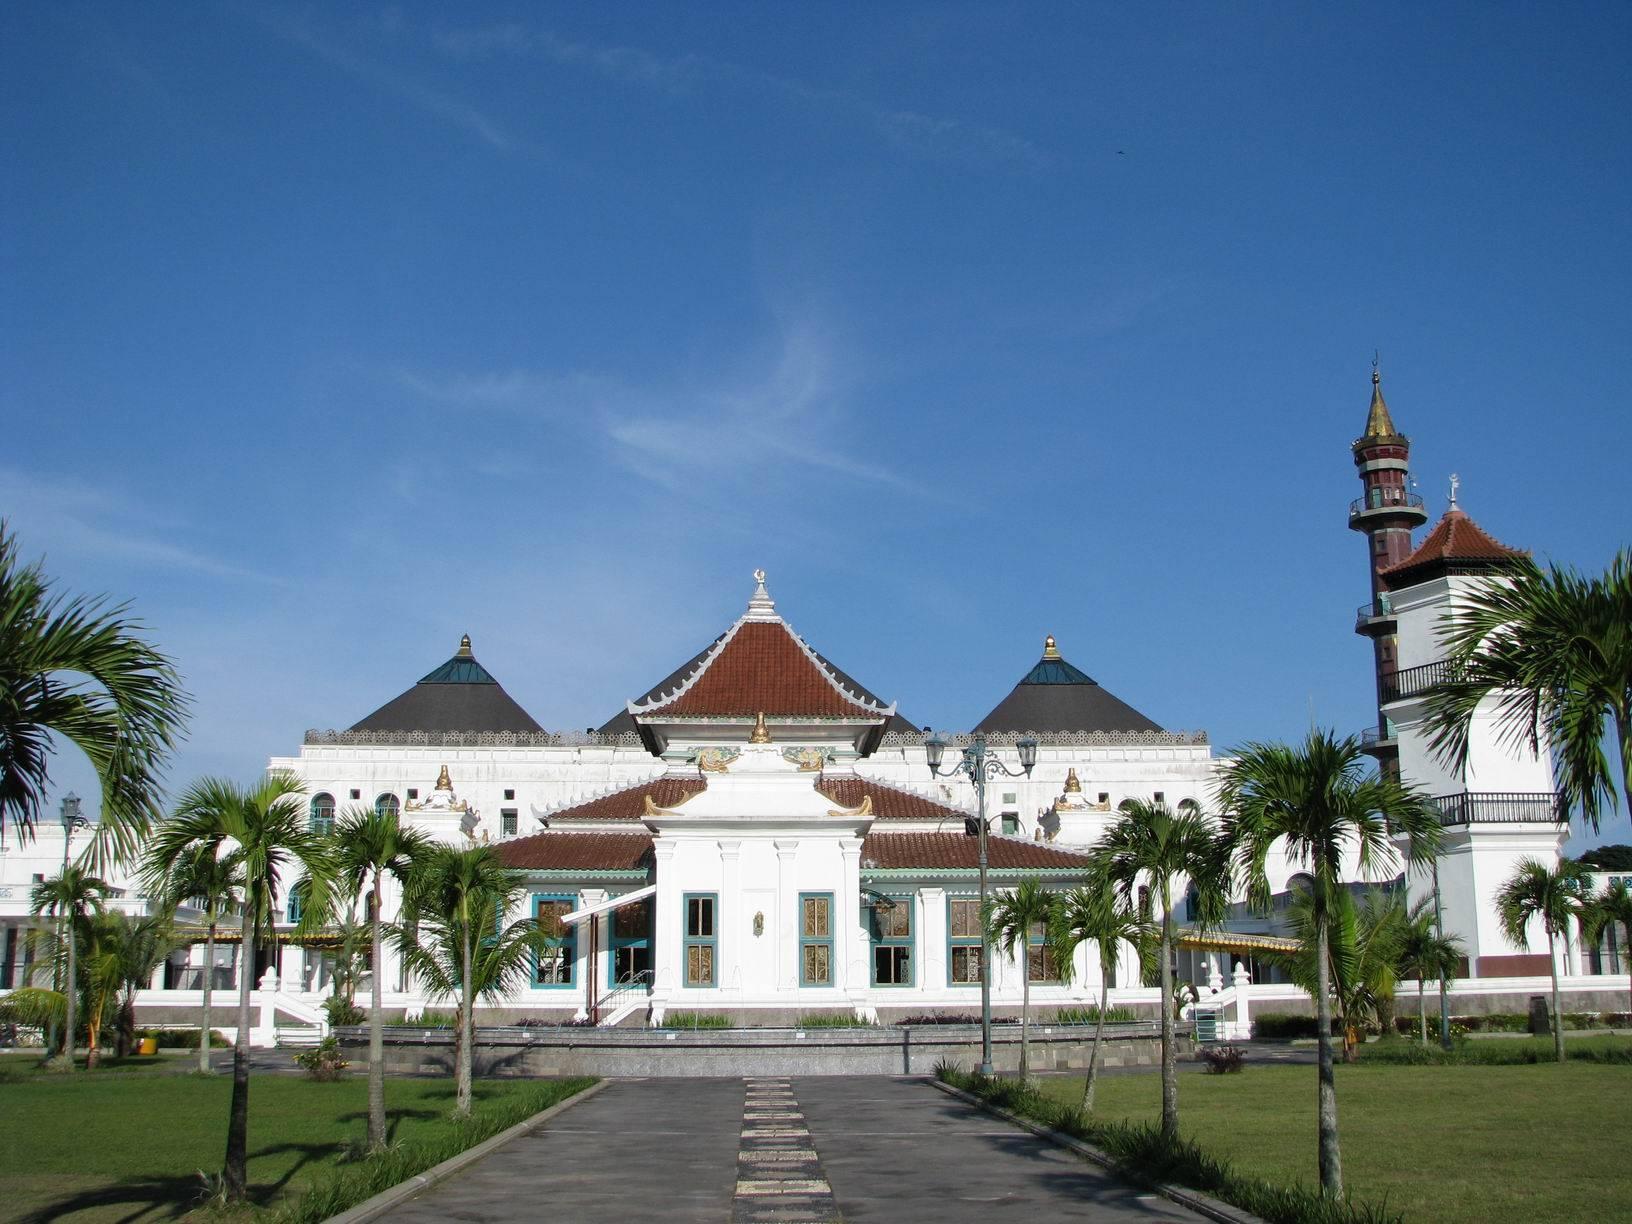 Masjid Agung Palembang Sumatra Selatan Indonesia